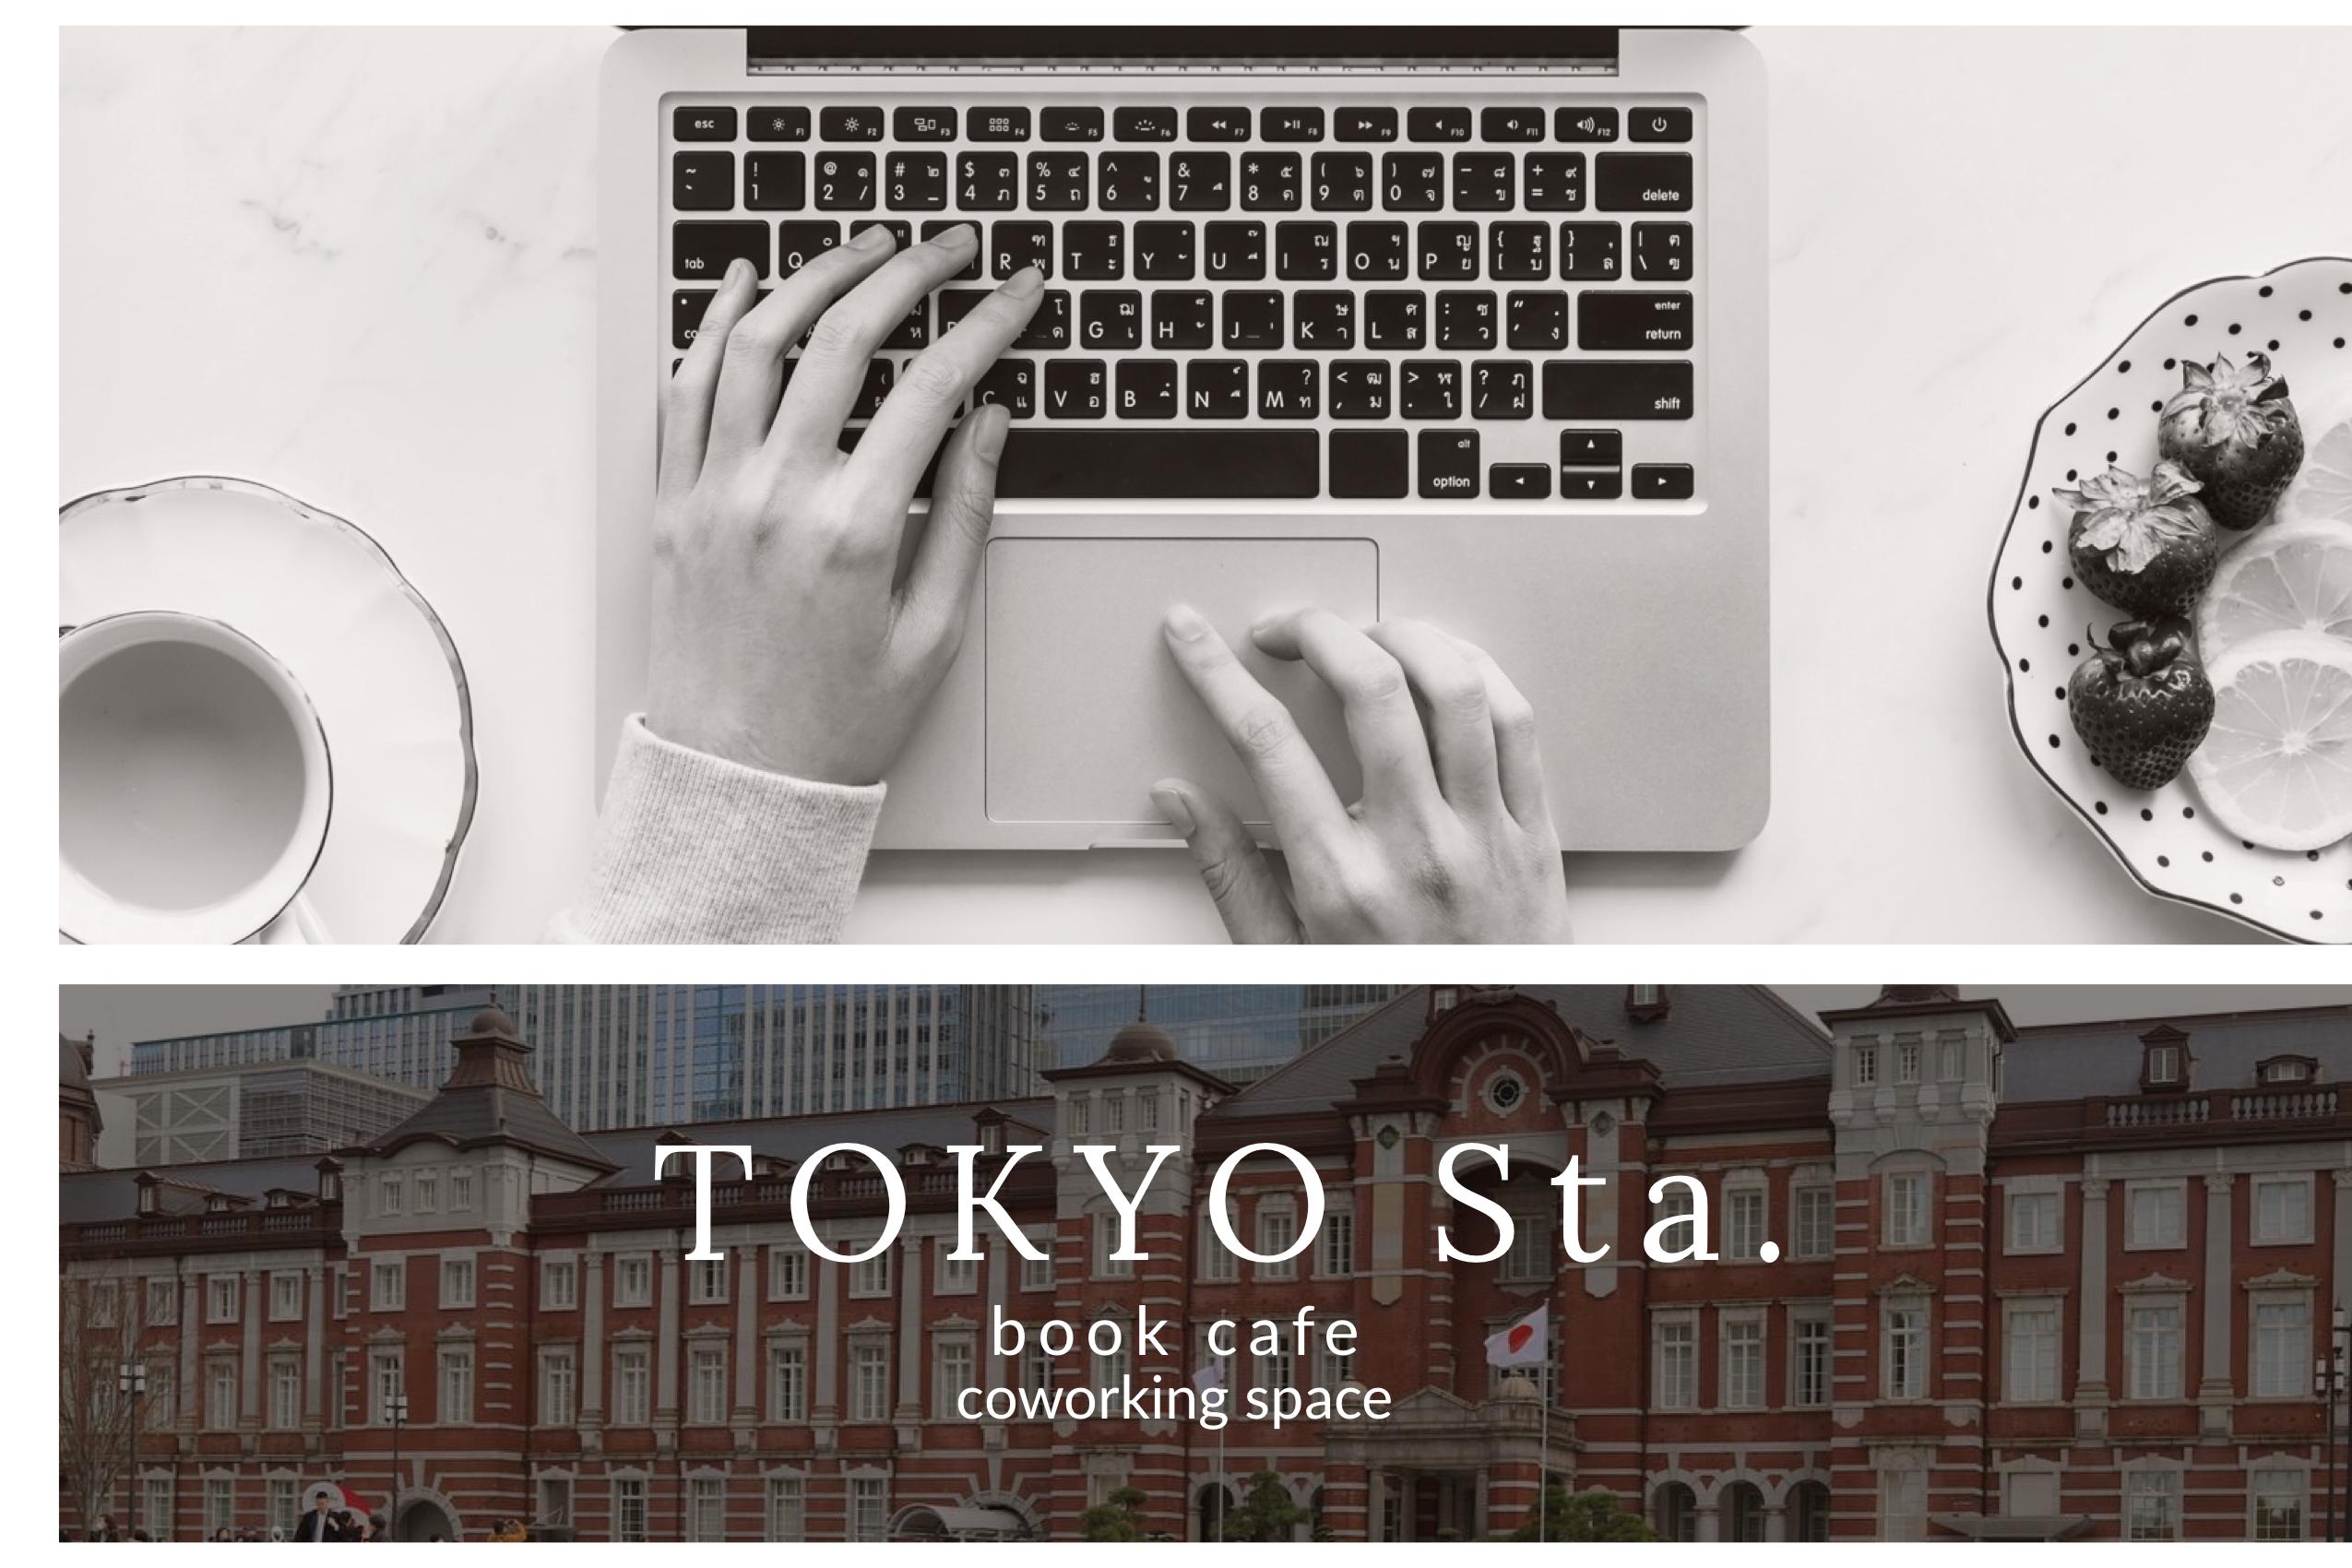 東京駅周辺、充電器&wifiがあって便利なカフェ「マルノウチリーディングスタイル(BOOK&CAFE READING STYLE)」